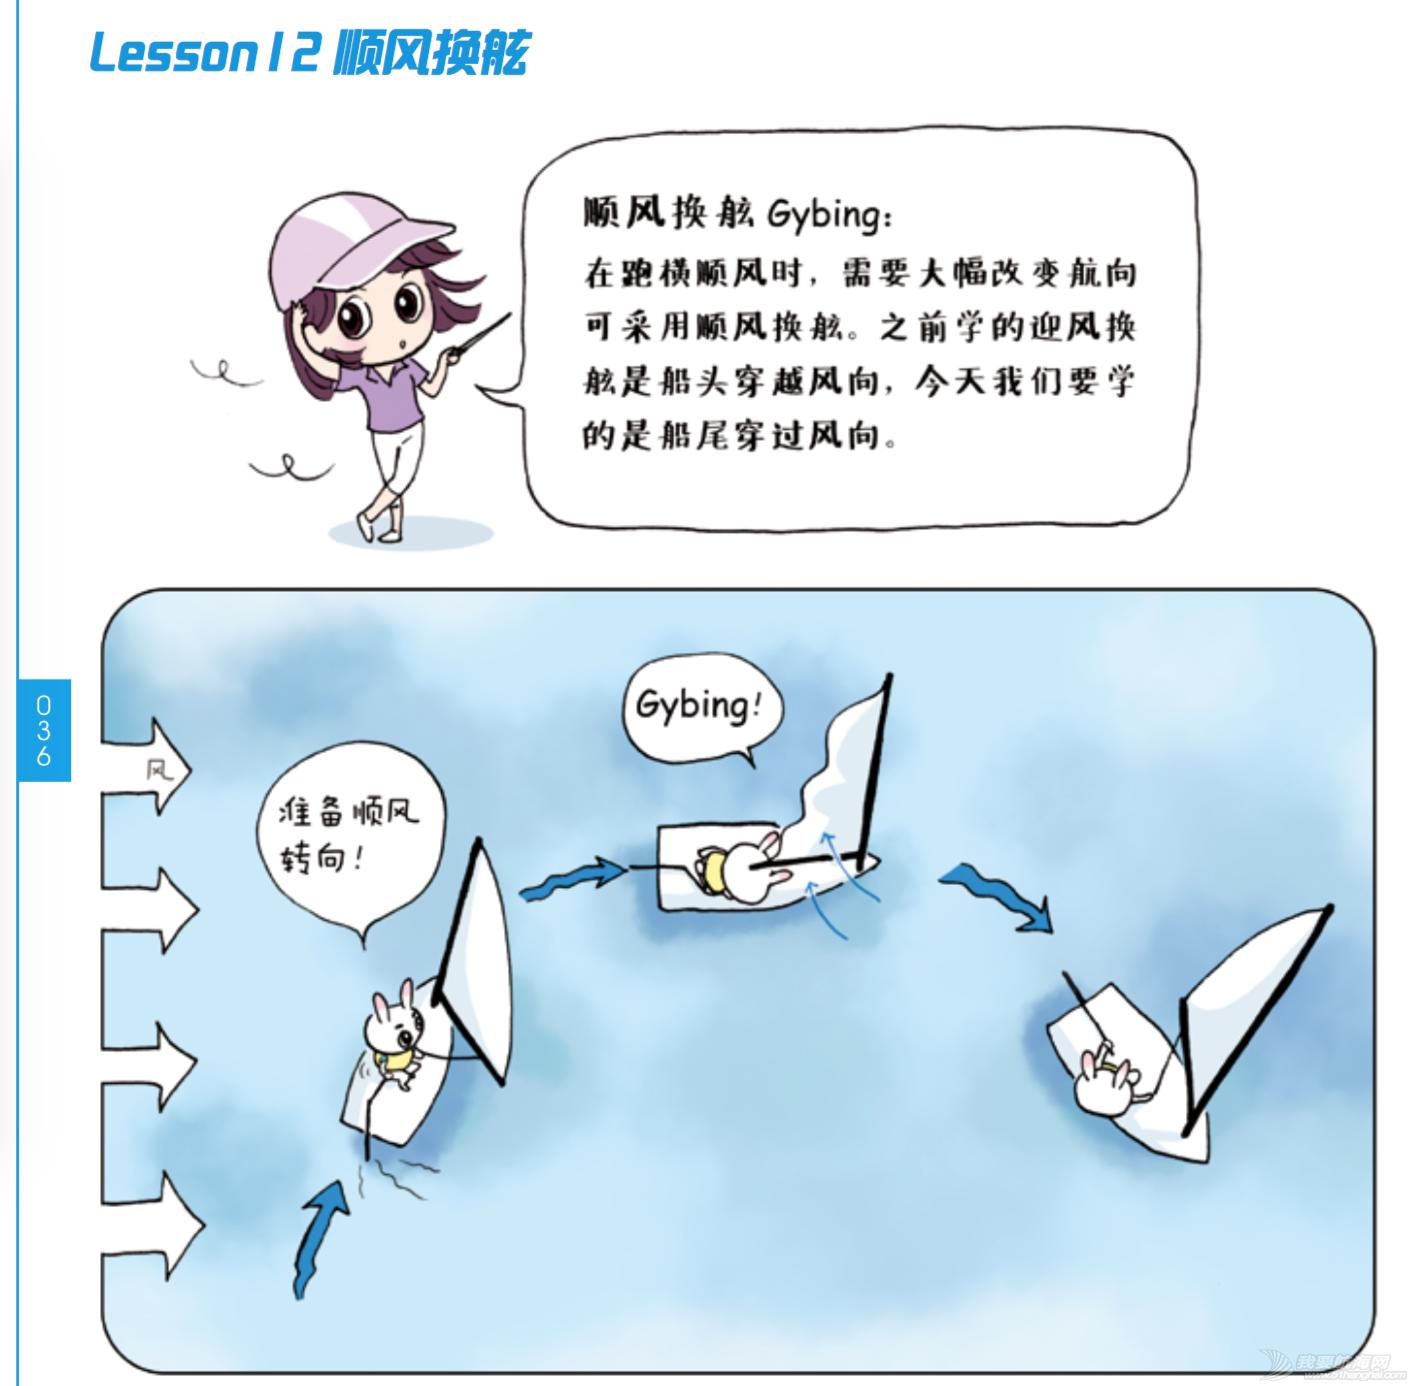 奥运冠军,帆船,连载 《跟奥运冠军学帆船》Lesson 12 顺风换舷 屏幕快照